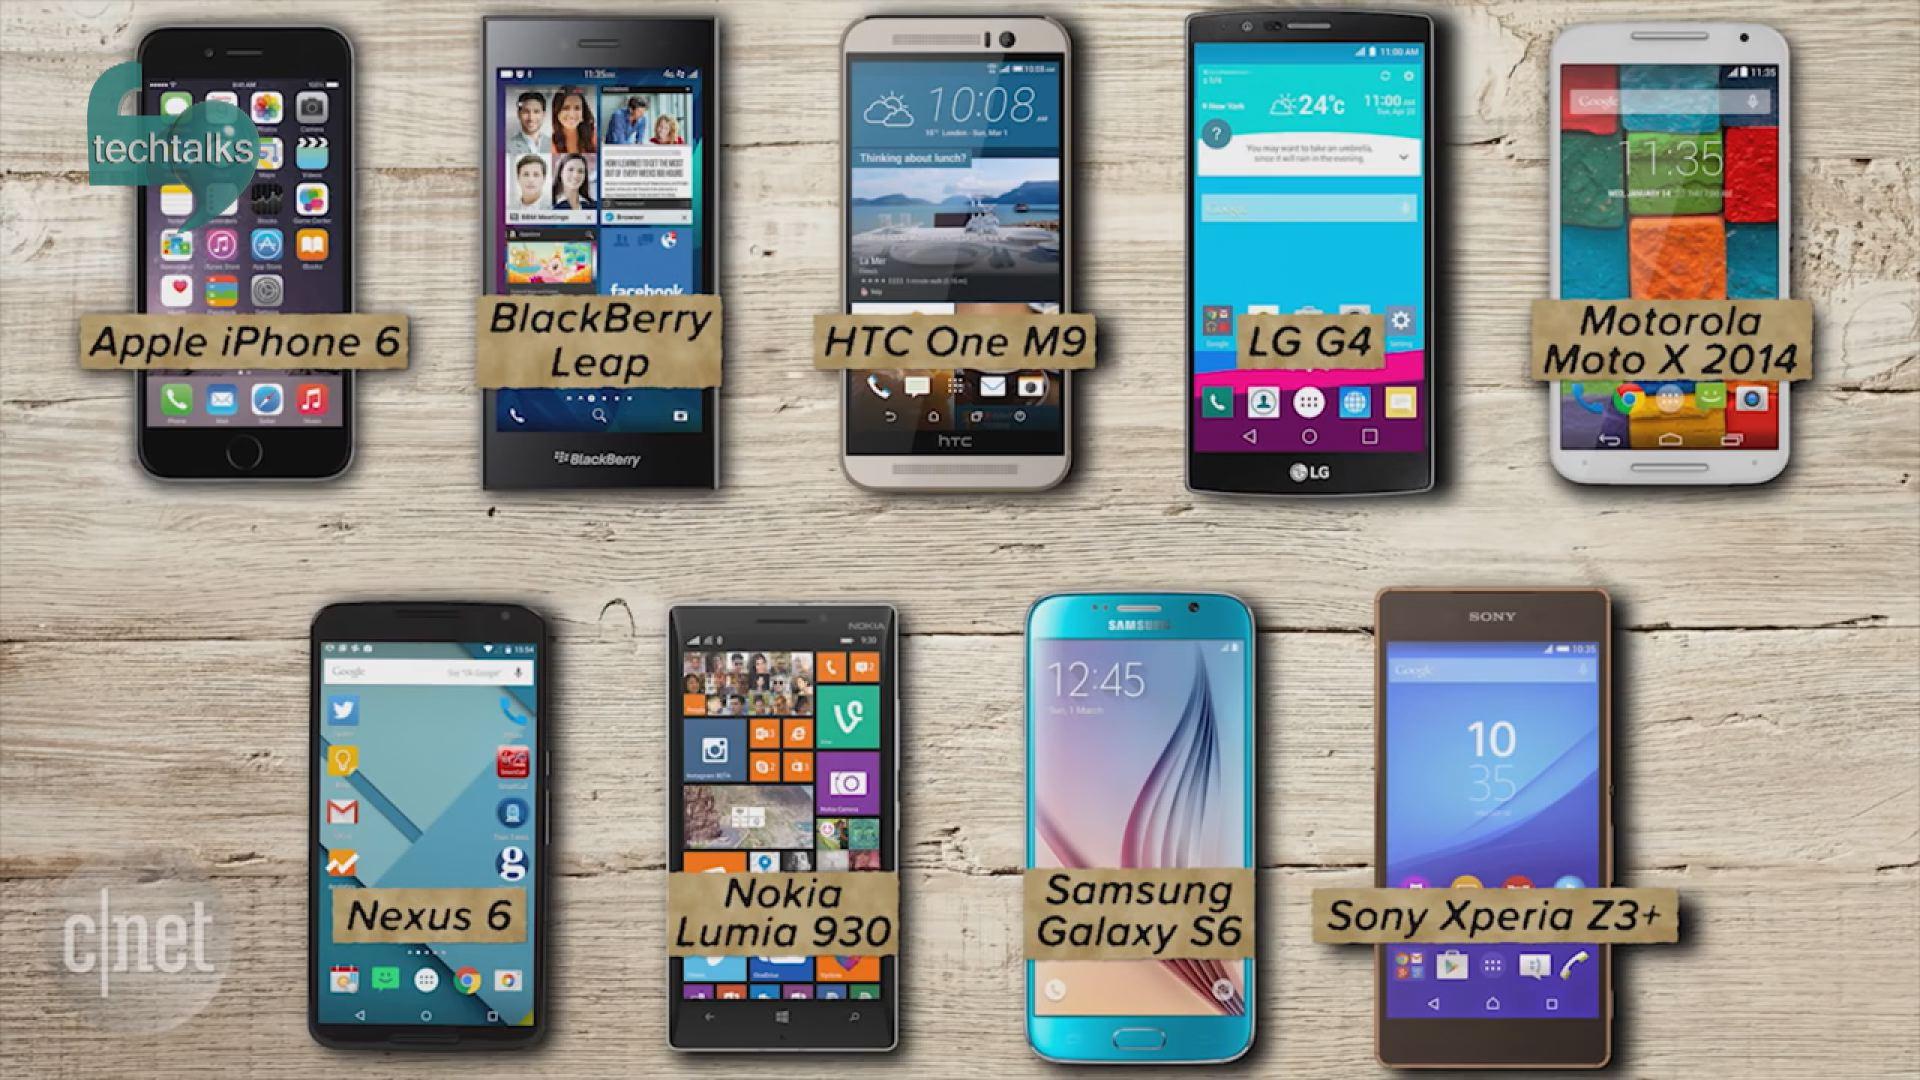 ۱۰ تلفن هوشمند برتر تاریخ  – تک تاکس – اولین رسانه تصویری فناوری اطلاعات و ارتباطات ایران